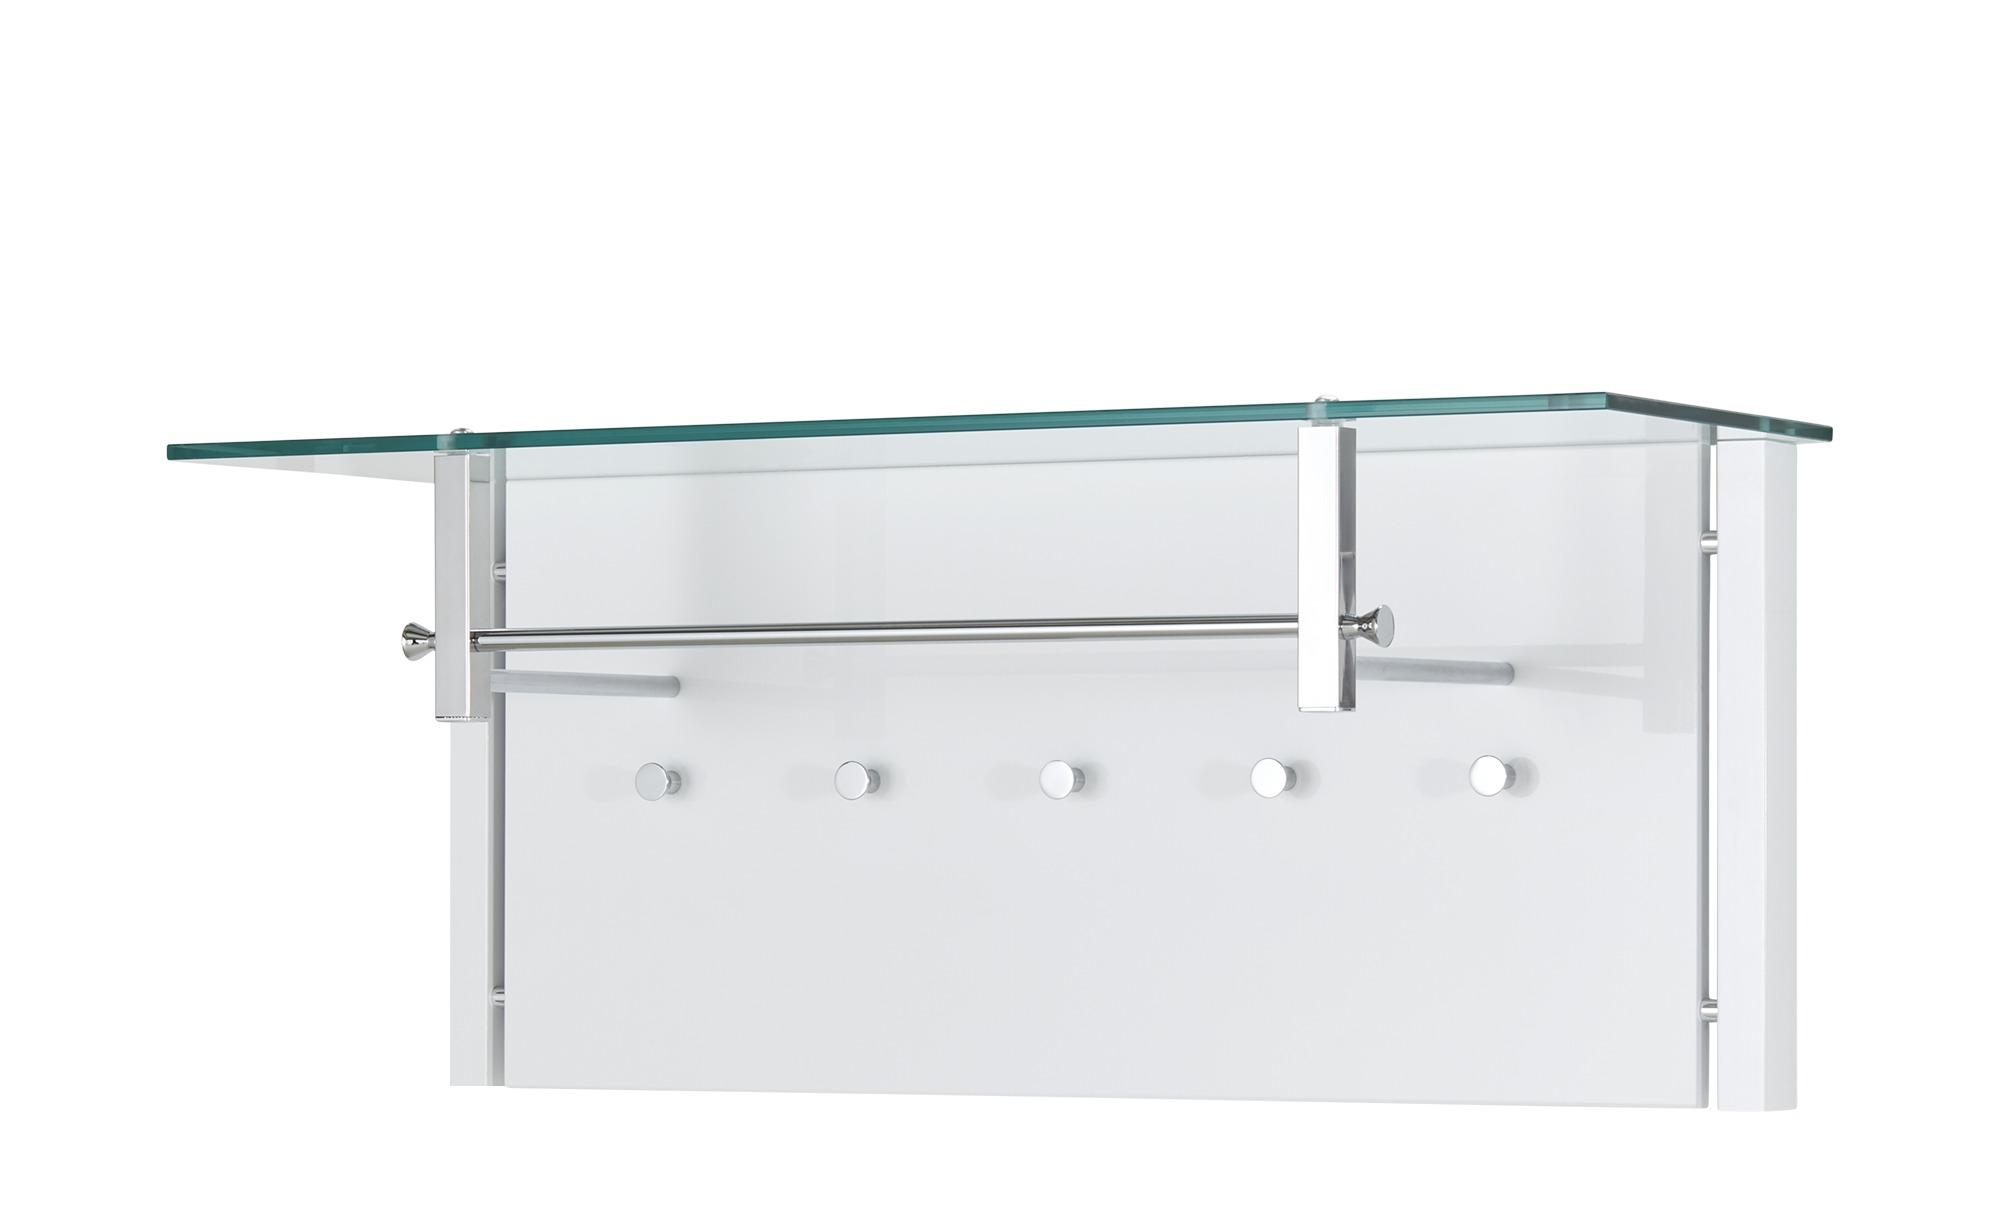 Garderobenpaneel - weiß - 95 cm - 40 cm - 33 cm - Garderoben & Kleiderstangen > Garderoben - Möbel Kraft | Flur & Diele > Garderoben > Garderobenpaneele | Sconto